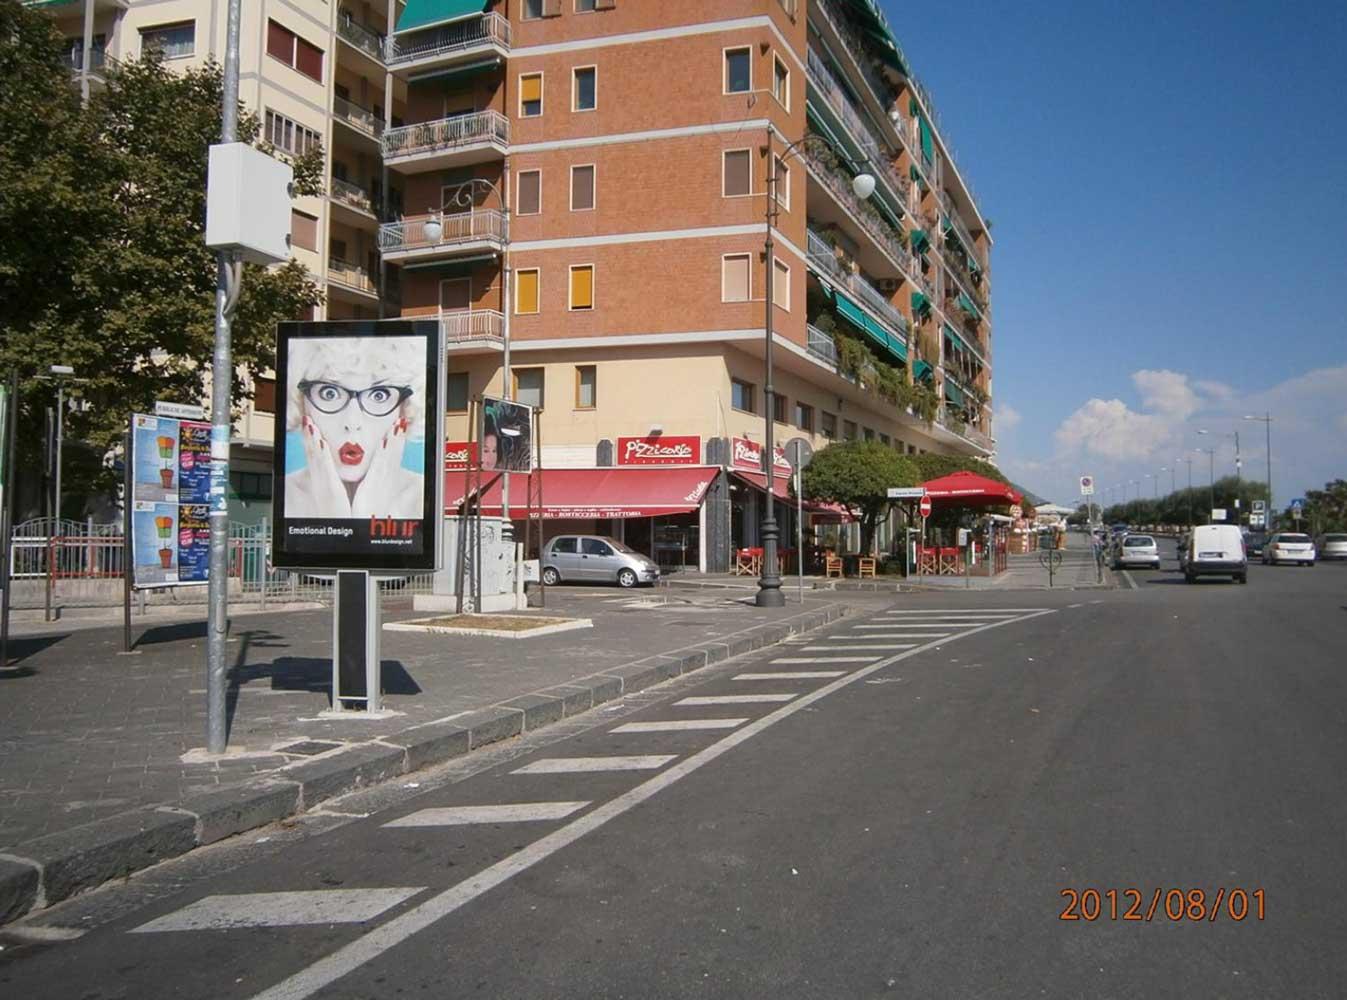 6. Piazza della Concordia 2